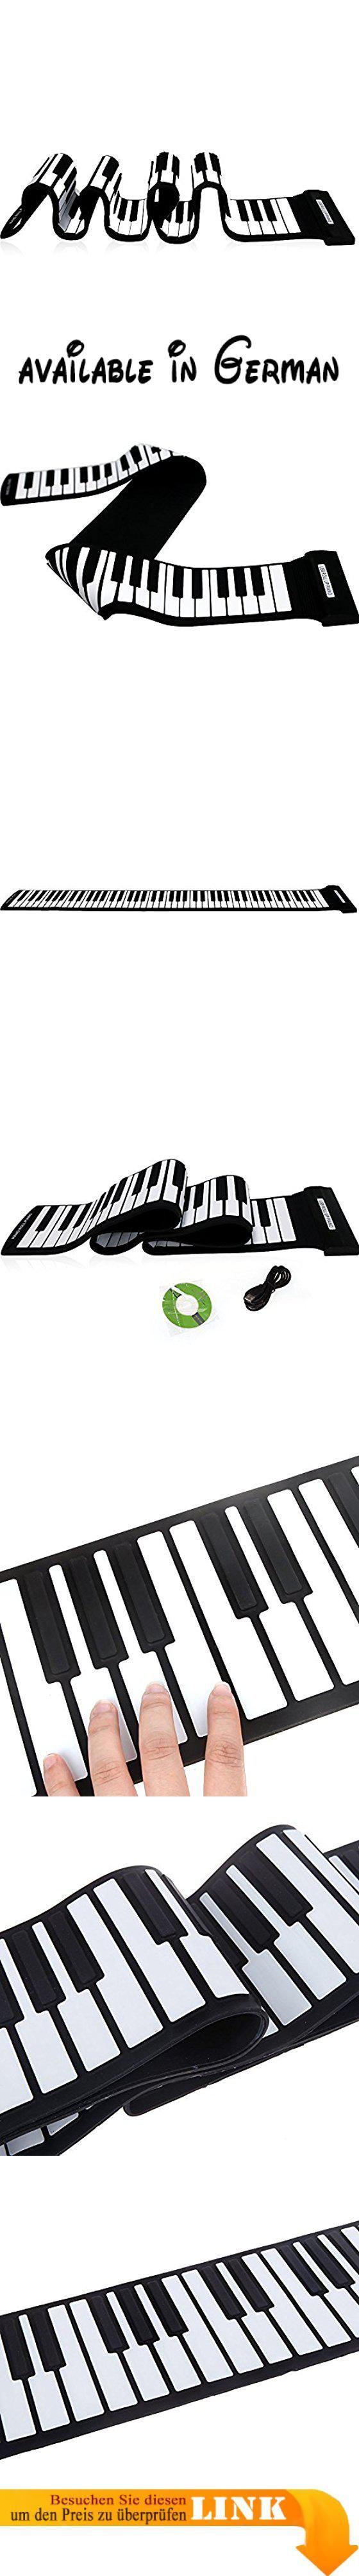 Andoer USB MIDI-Rollen, für Keyboards mit 88 Tasten, Piano keyboard, elektronisch, Silikon-flexibel. Kompatibel mit Cubase, Cakewalk Sonar, Software usw., Nuendo wichtigsten, Sequencer und TRAKTOR LE 2 DJ VST/VSTi.. Somit einfach zu Spielen, Aufnehmen und Bearbeitung Musik und lässt sie unbedingt die gleiche wie das echte Klavier.. Kann mit der Hand, es kann auch eingesetzt werden, für einfaches Verstauen und in einer Handtasche Koffer.. Kann verwendet werden, für Schüler,